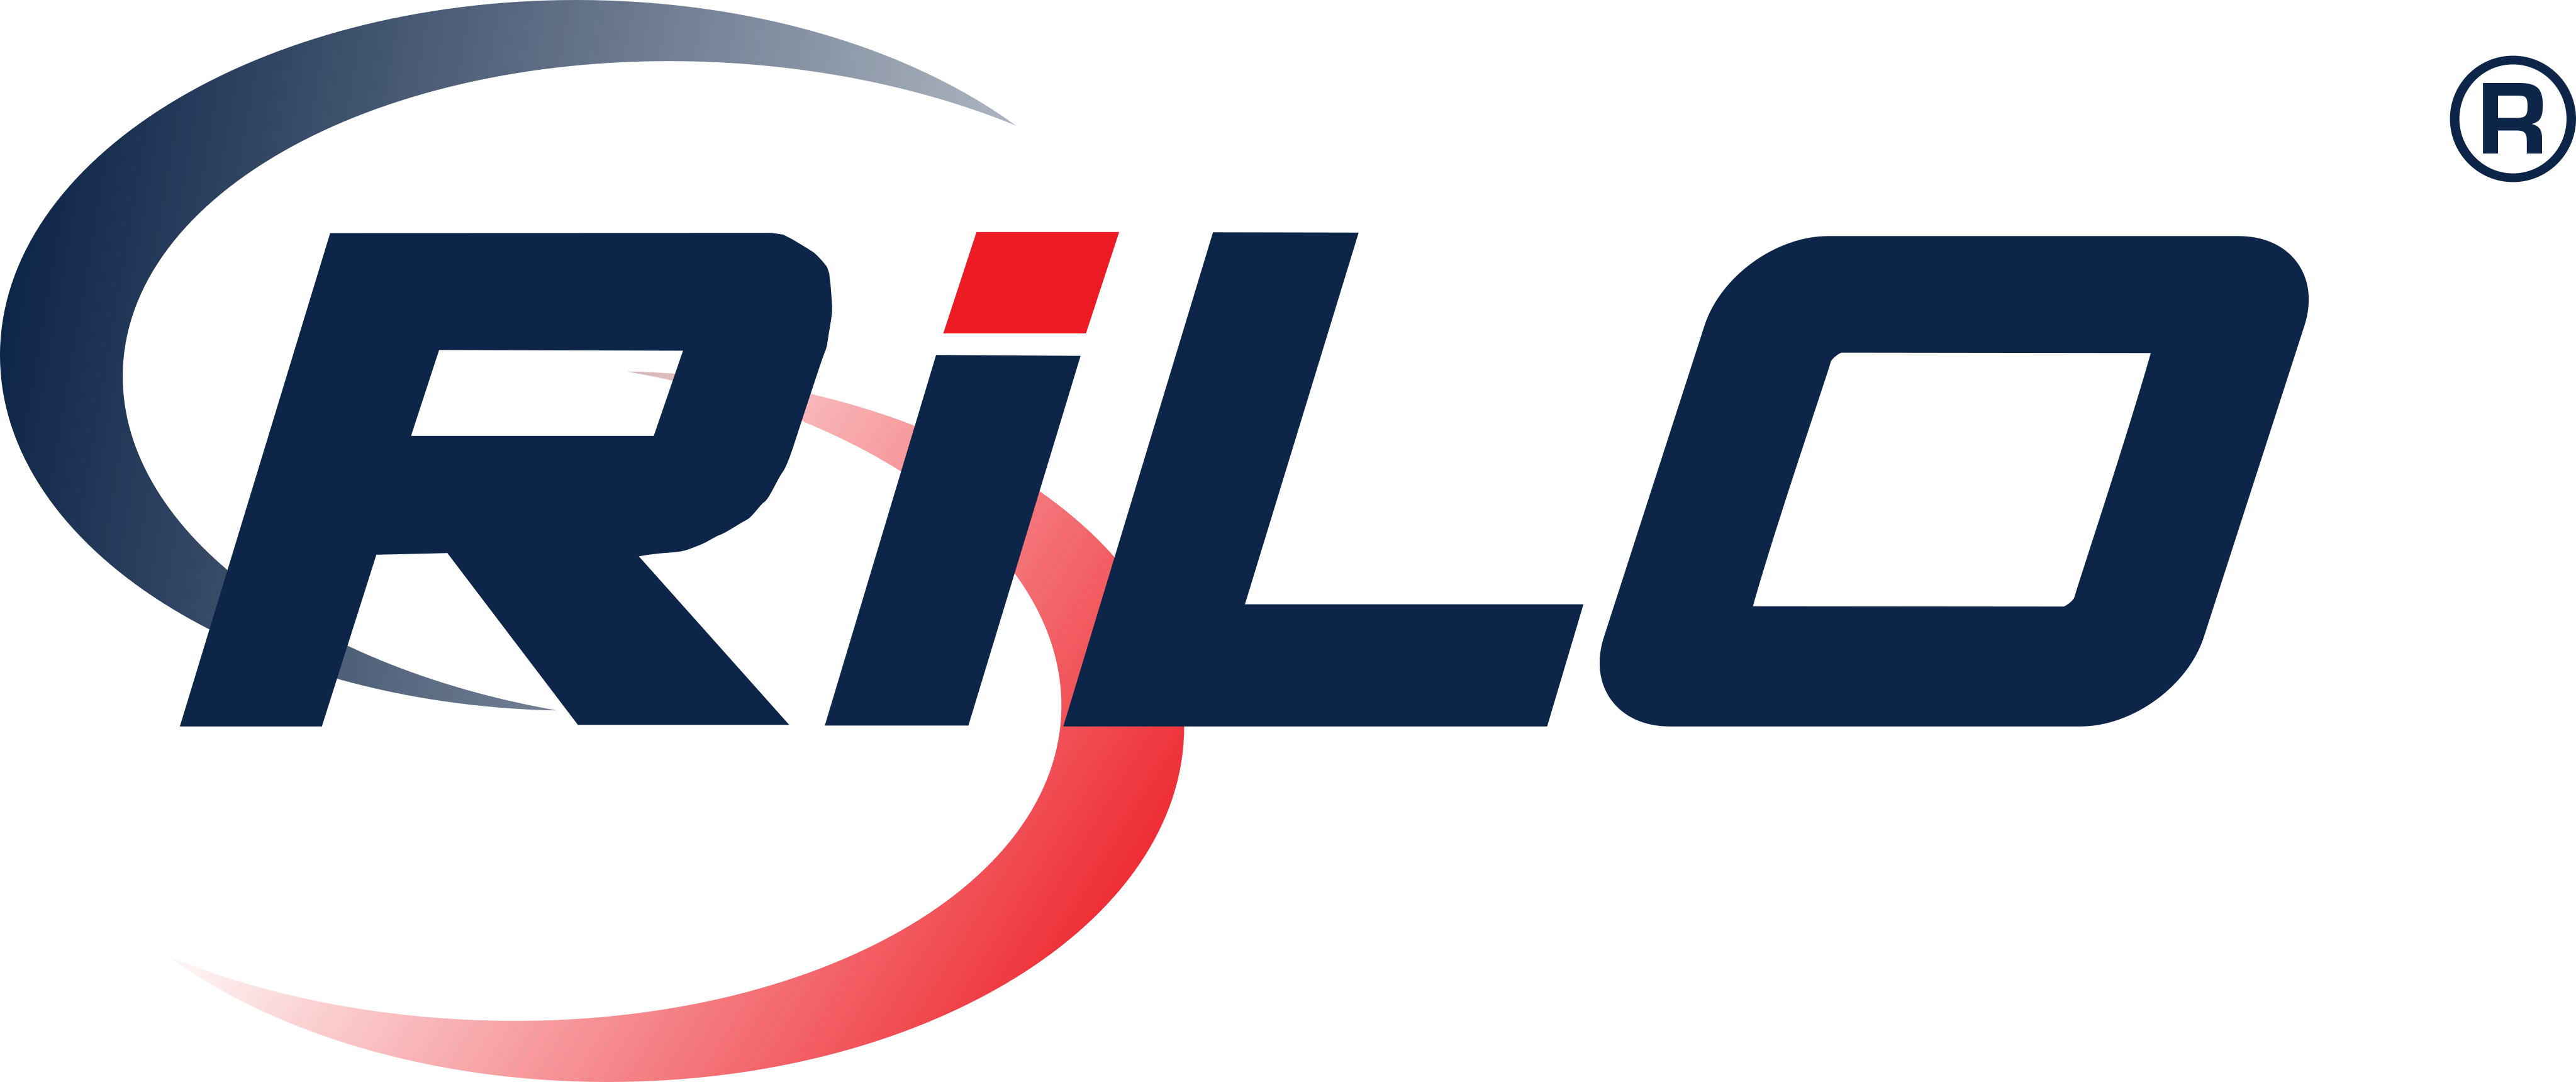 Rilo Automatisierungstechnik GmbH & Co. KG